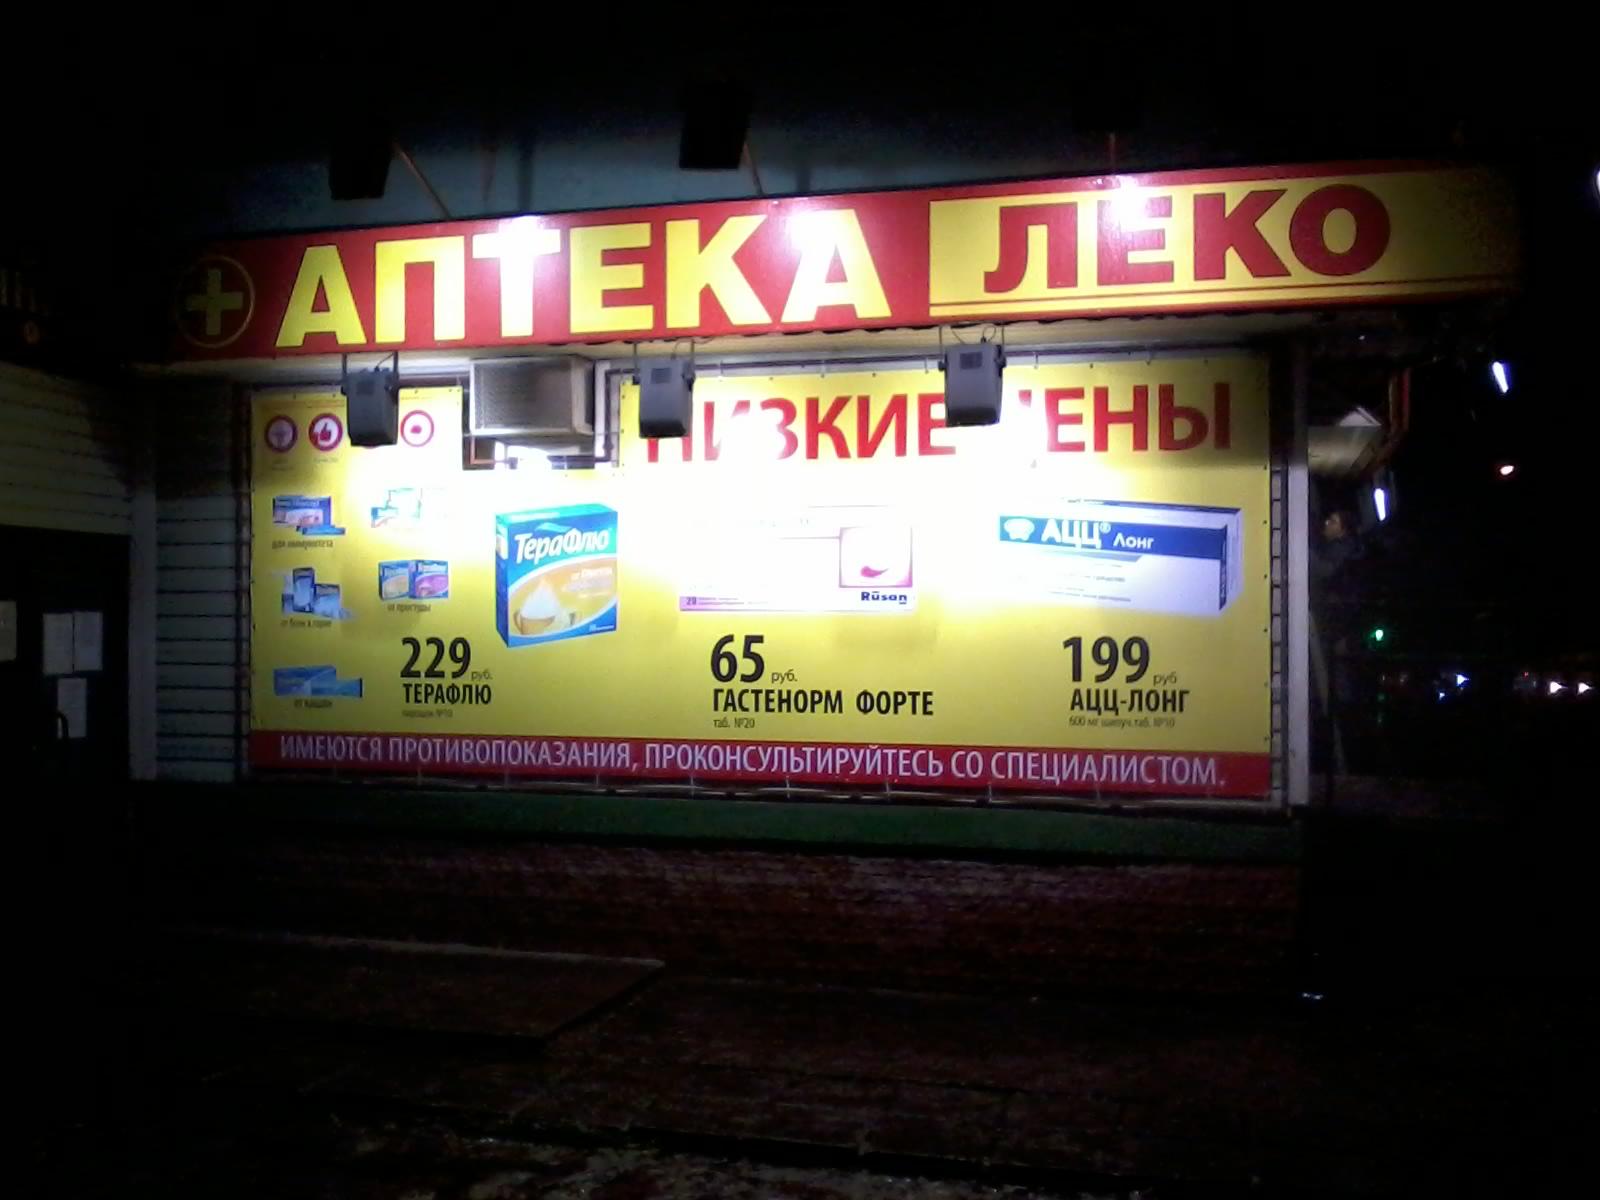 apteka-leko-2